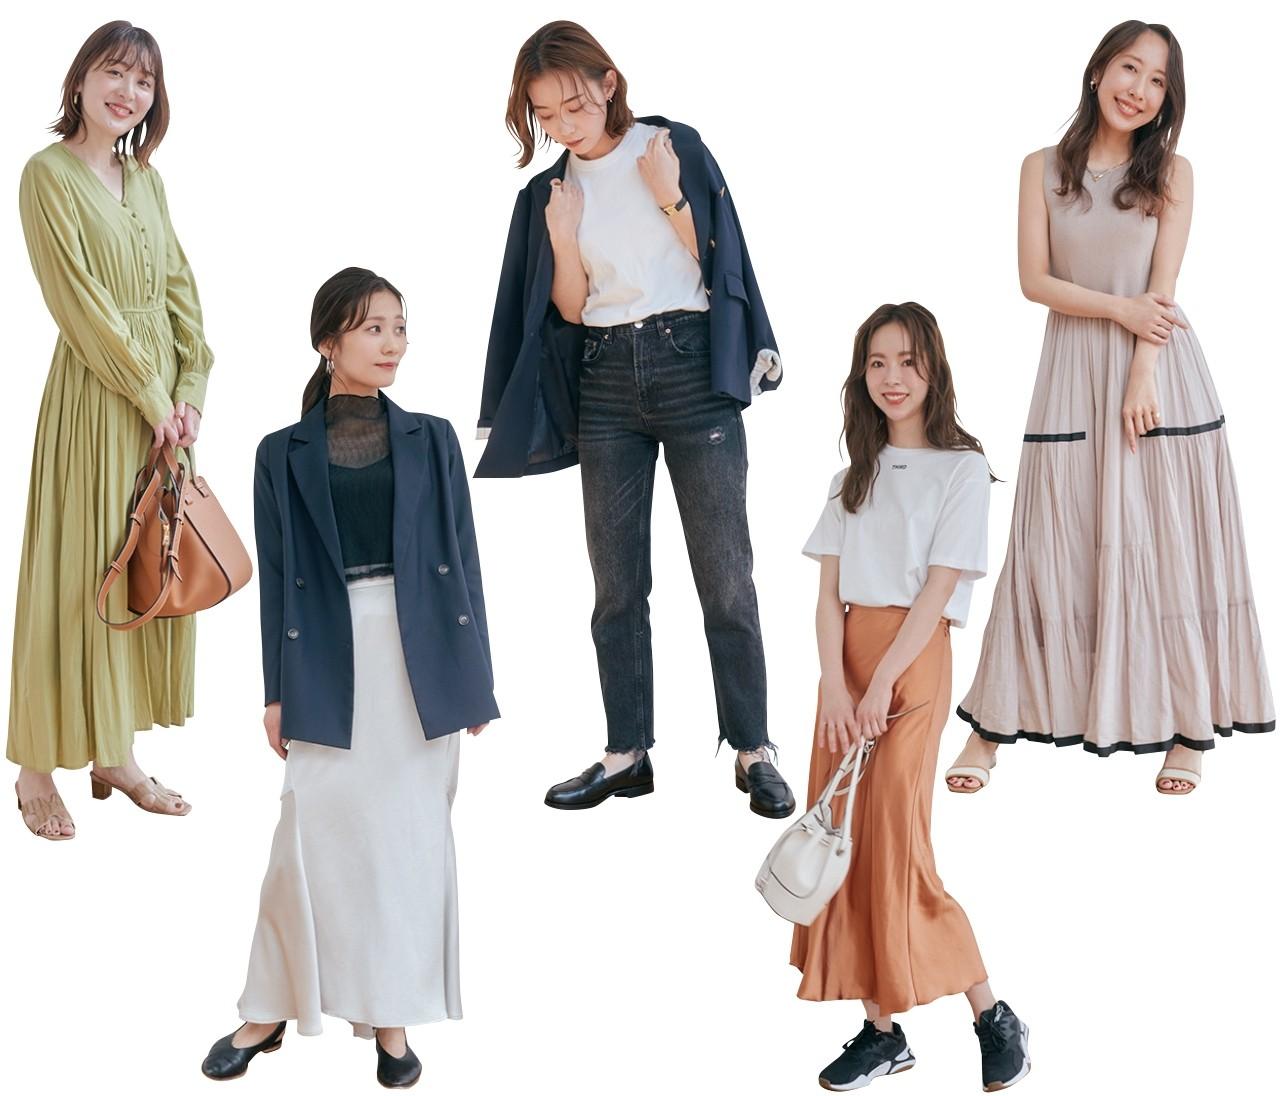 【Tシャツ診断】5タイプ別・この夏、あなたに似合う「進化系Tシャツ」をスタイリストがお見立て!